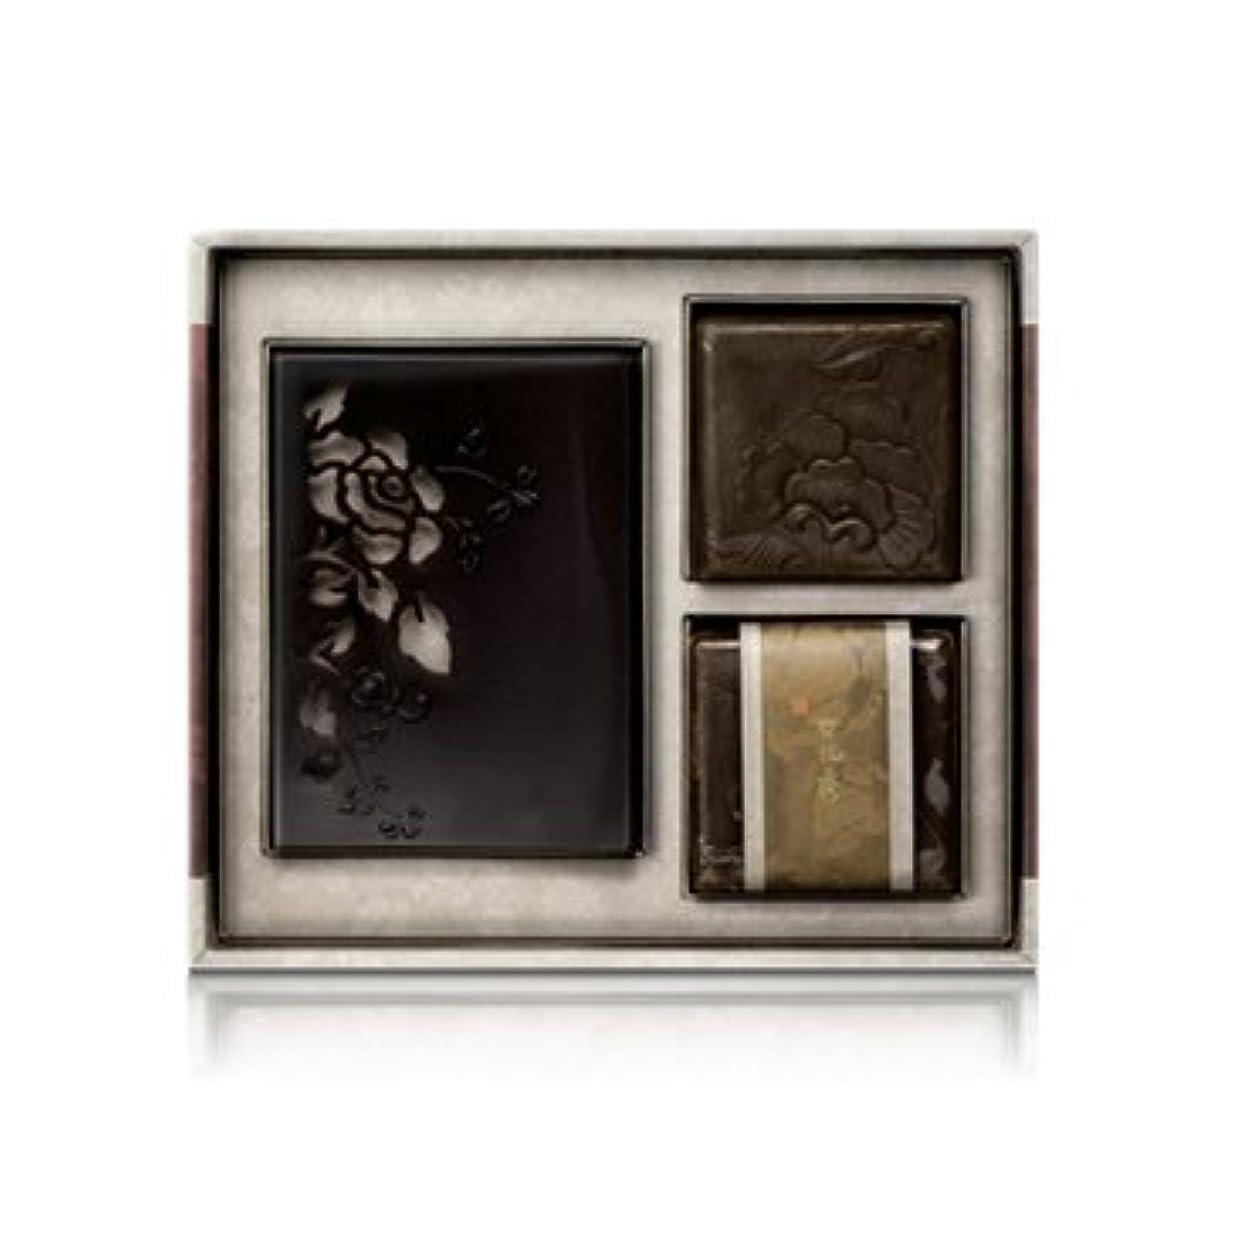 移住する燃料出席するソラス [雪花秀] 宮中石鹸 (100g * 2個+ケース) 1748